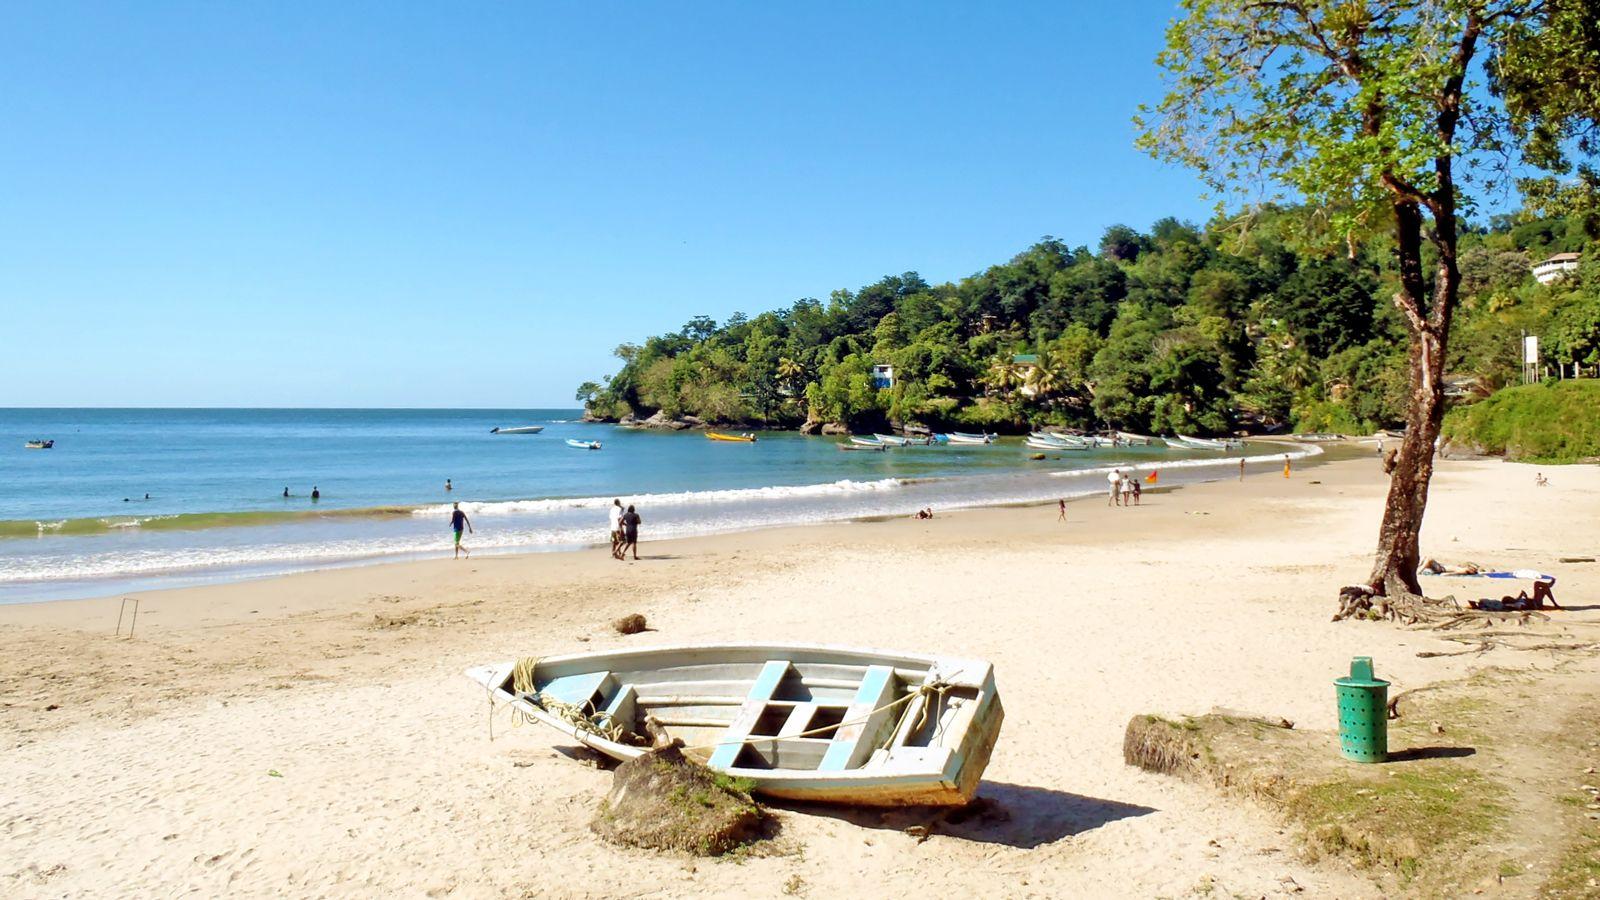 Guided North Coast Road Tour with Maracas Bay & Las Cuevas Bay